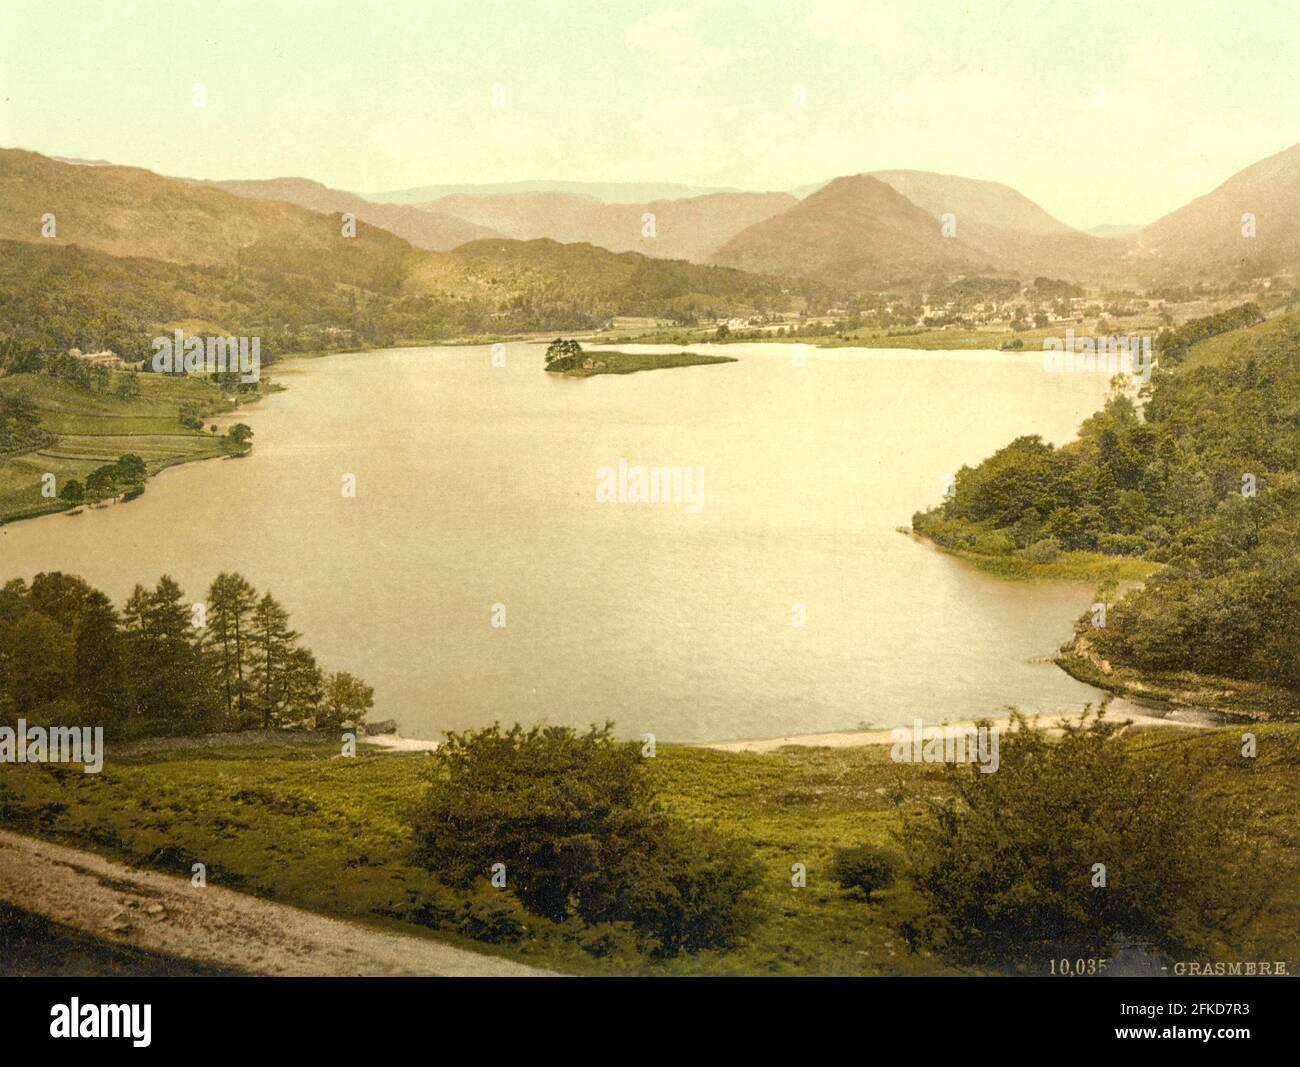 Grasmere en el Distrito de los Lagos, Cumbria alrededor de 1890-1900 Foto de stock